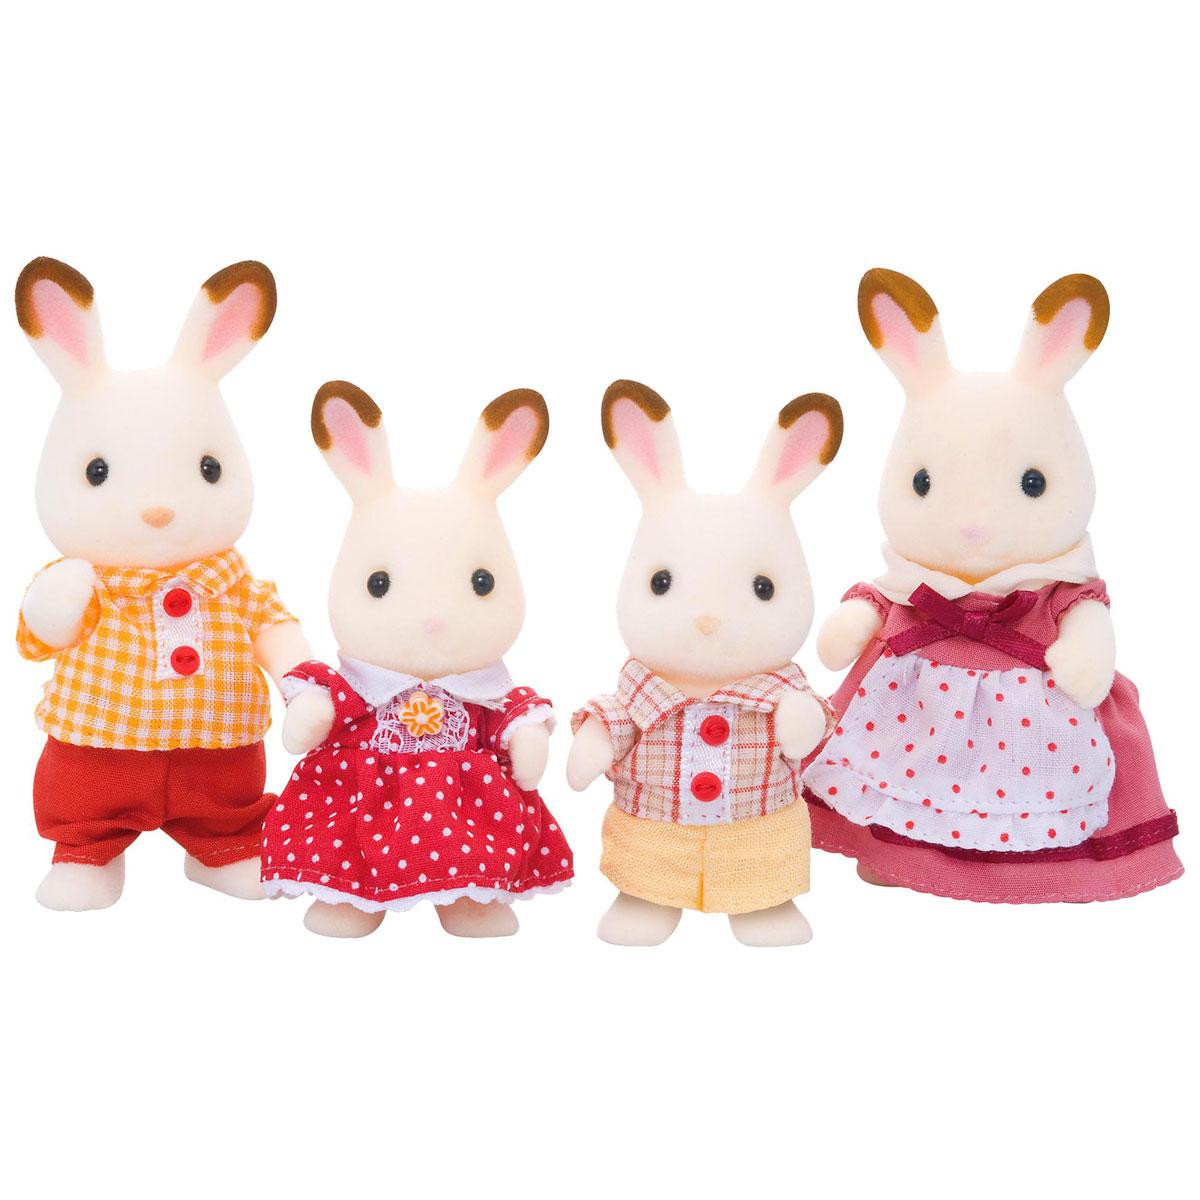 Sylvanian Families Набор фигурок Семья шоколадных кроликов3125Игровой набор Семья шоколадных кроликов состоит из четырех фигурок кроликов: мамы, папы, сына и дочки. Такая семья непременно понравится вашему малышу, и он сможет придумывать для них свои истории. Компания была основана в 1985 году, в Японии. Sylvanian Families очень популярен в Европе и Азии, и, за долгие годы существования, компания смогла добиться больших успехов. 3 года подряд в Англии бренд Sylvanian Families был признан Игрушкой Года. Сегодня у героев Sylvanian Families есть собственное шоу, полнометражный мультфильм и сеть ресторанов, работающая по всей Японии. А главным событием уходящего года стала премьера мюзикла. Sylvanian Families - это целый мир маленьких жителей, объединенных общей легендой. Жители страны Sylvanian Families - это кролики, белки, медведи, лисы и многие другие. У каждого из них есть дом, в котором есть все необходимое для счастливой жизни. В городе, где живут герои, есть школа, больница, рынок, пекарня, детский сад и...